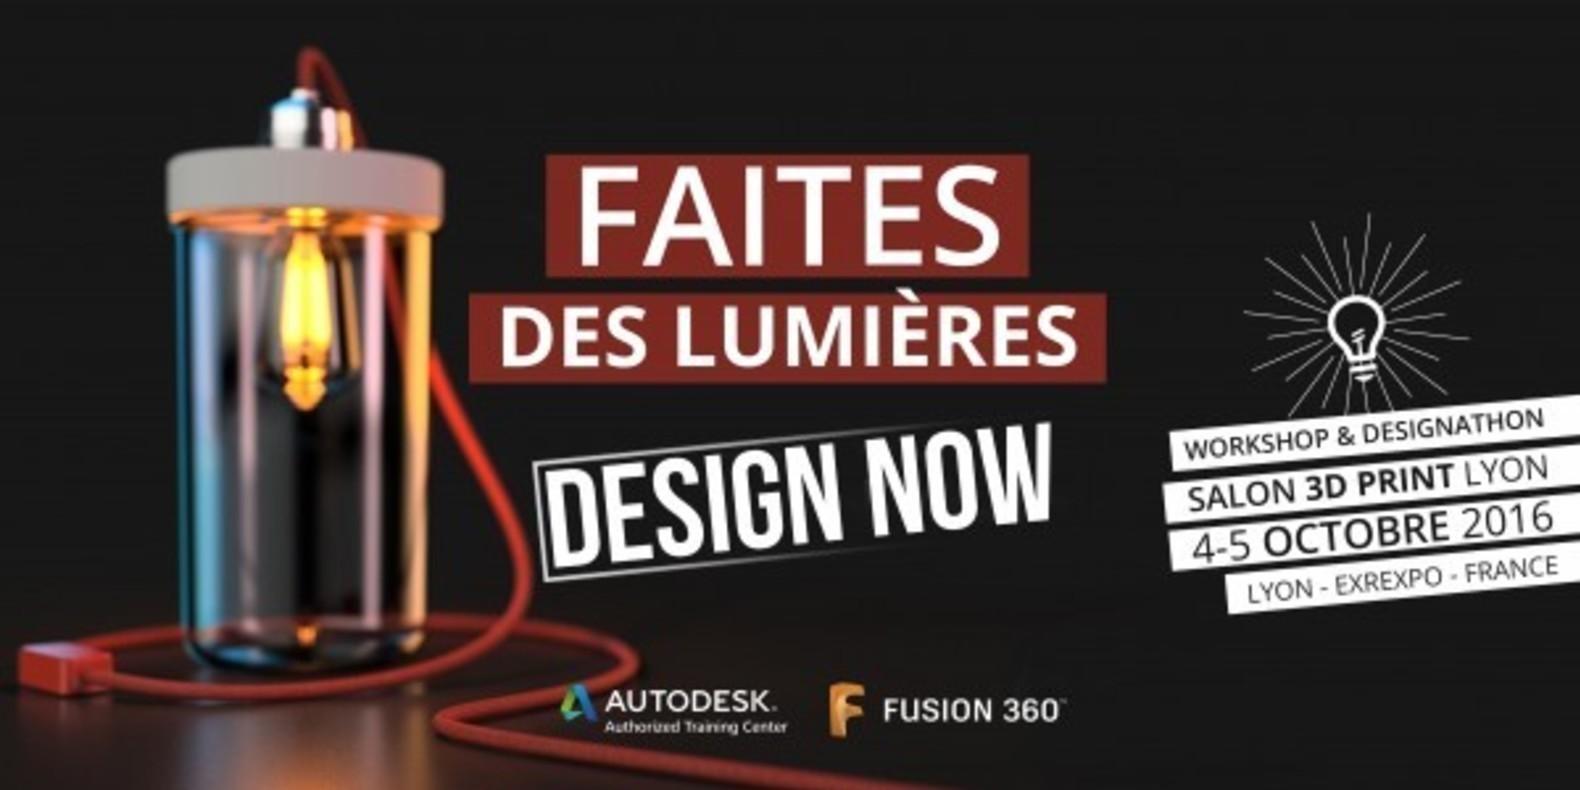 Concours de Design au 3D Print Lyon